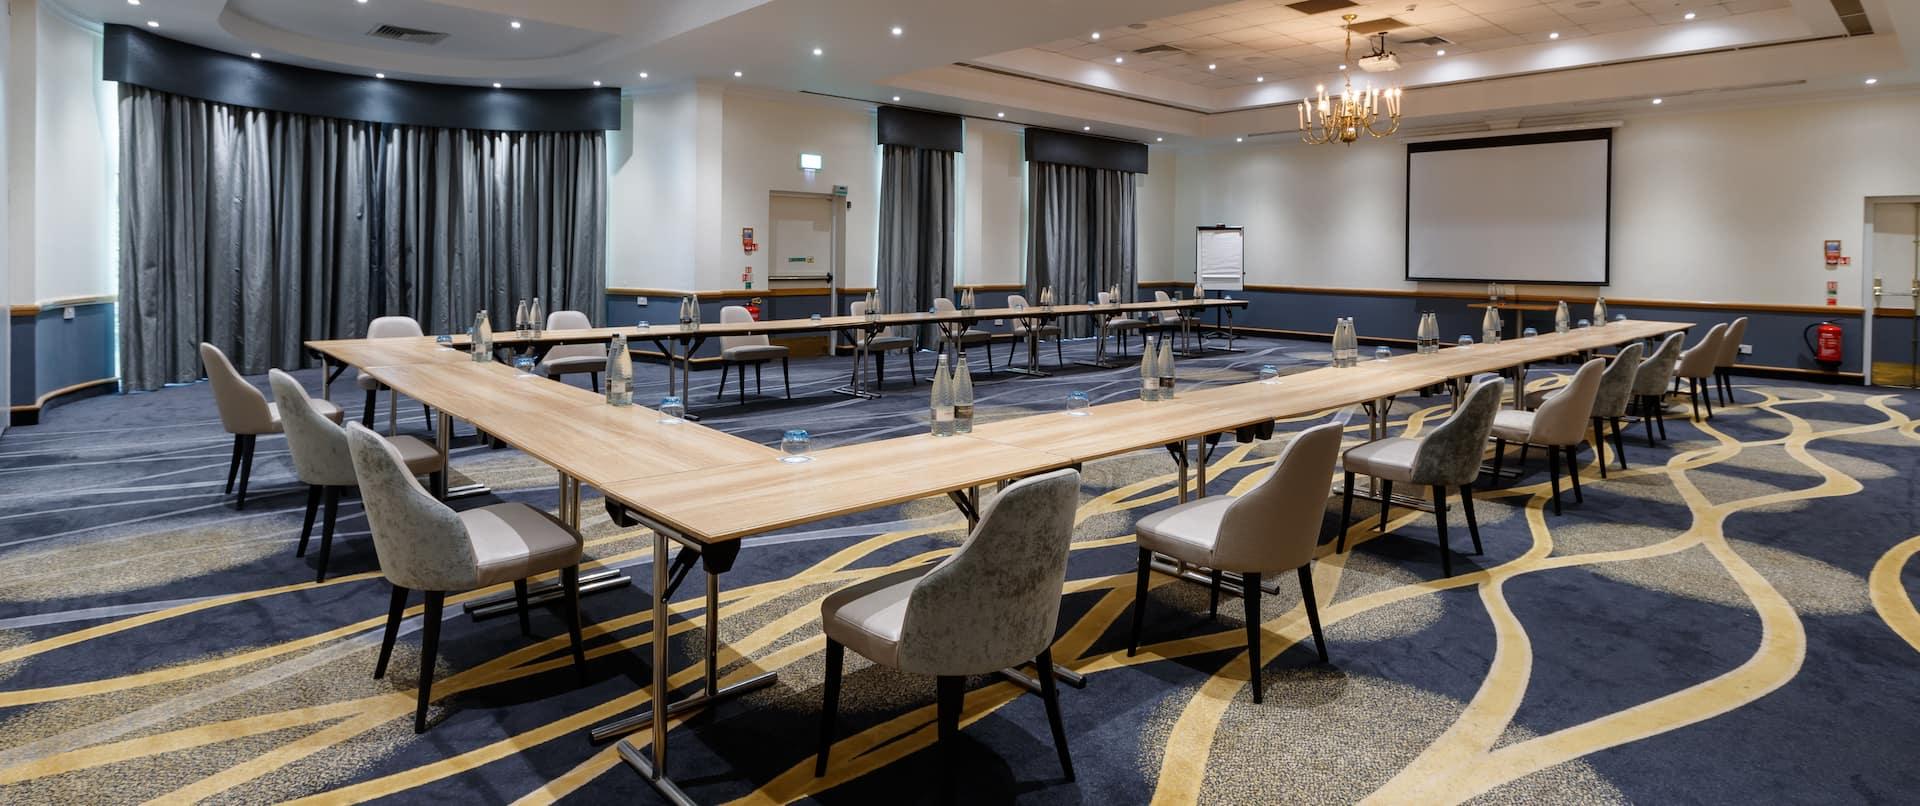 Collingtree Suite Meeting Room Setup U Style